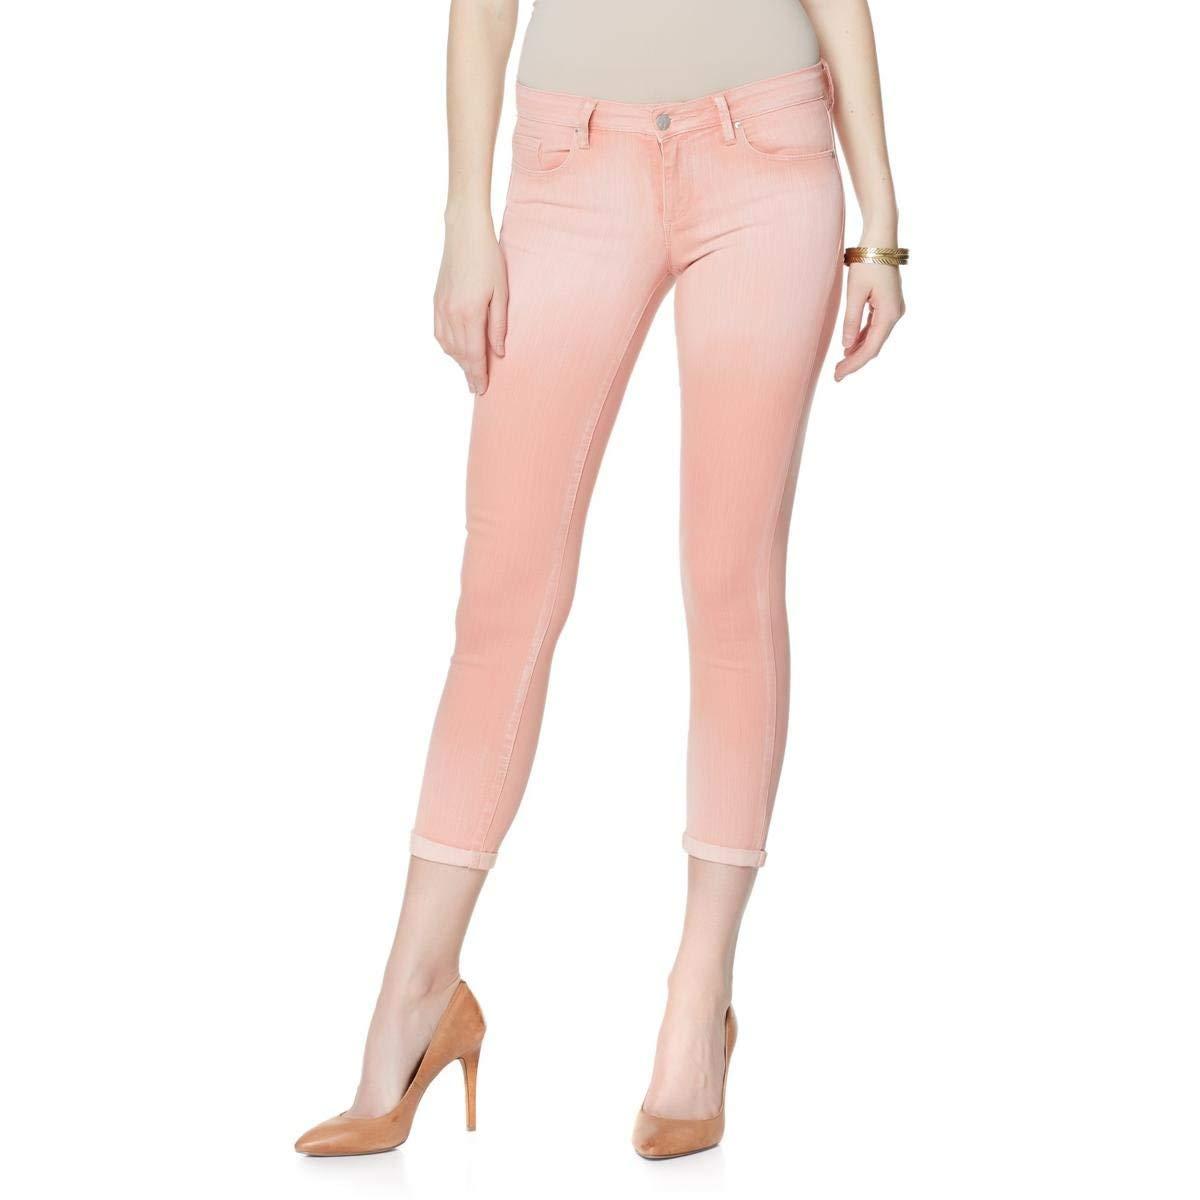 Amazon.com: Jessica Simpson Jeans delgados recortados para ...